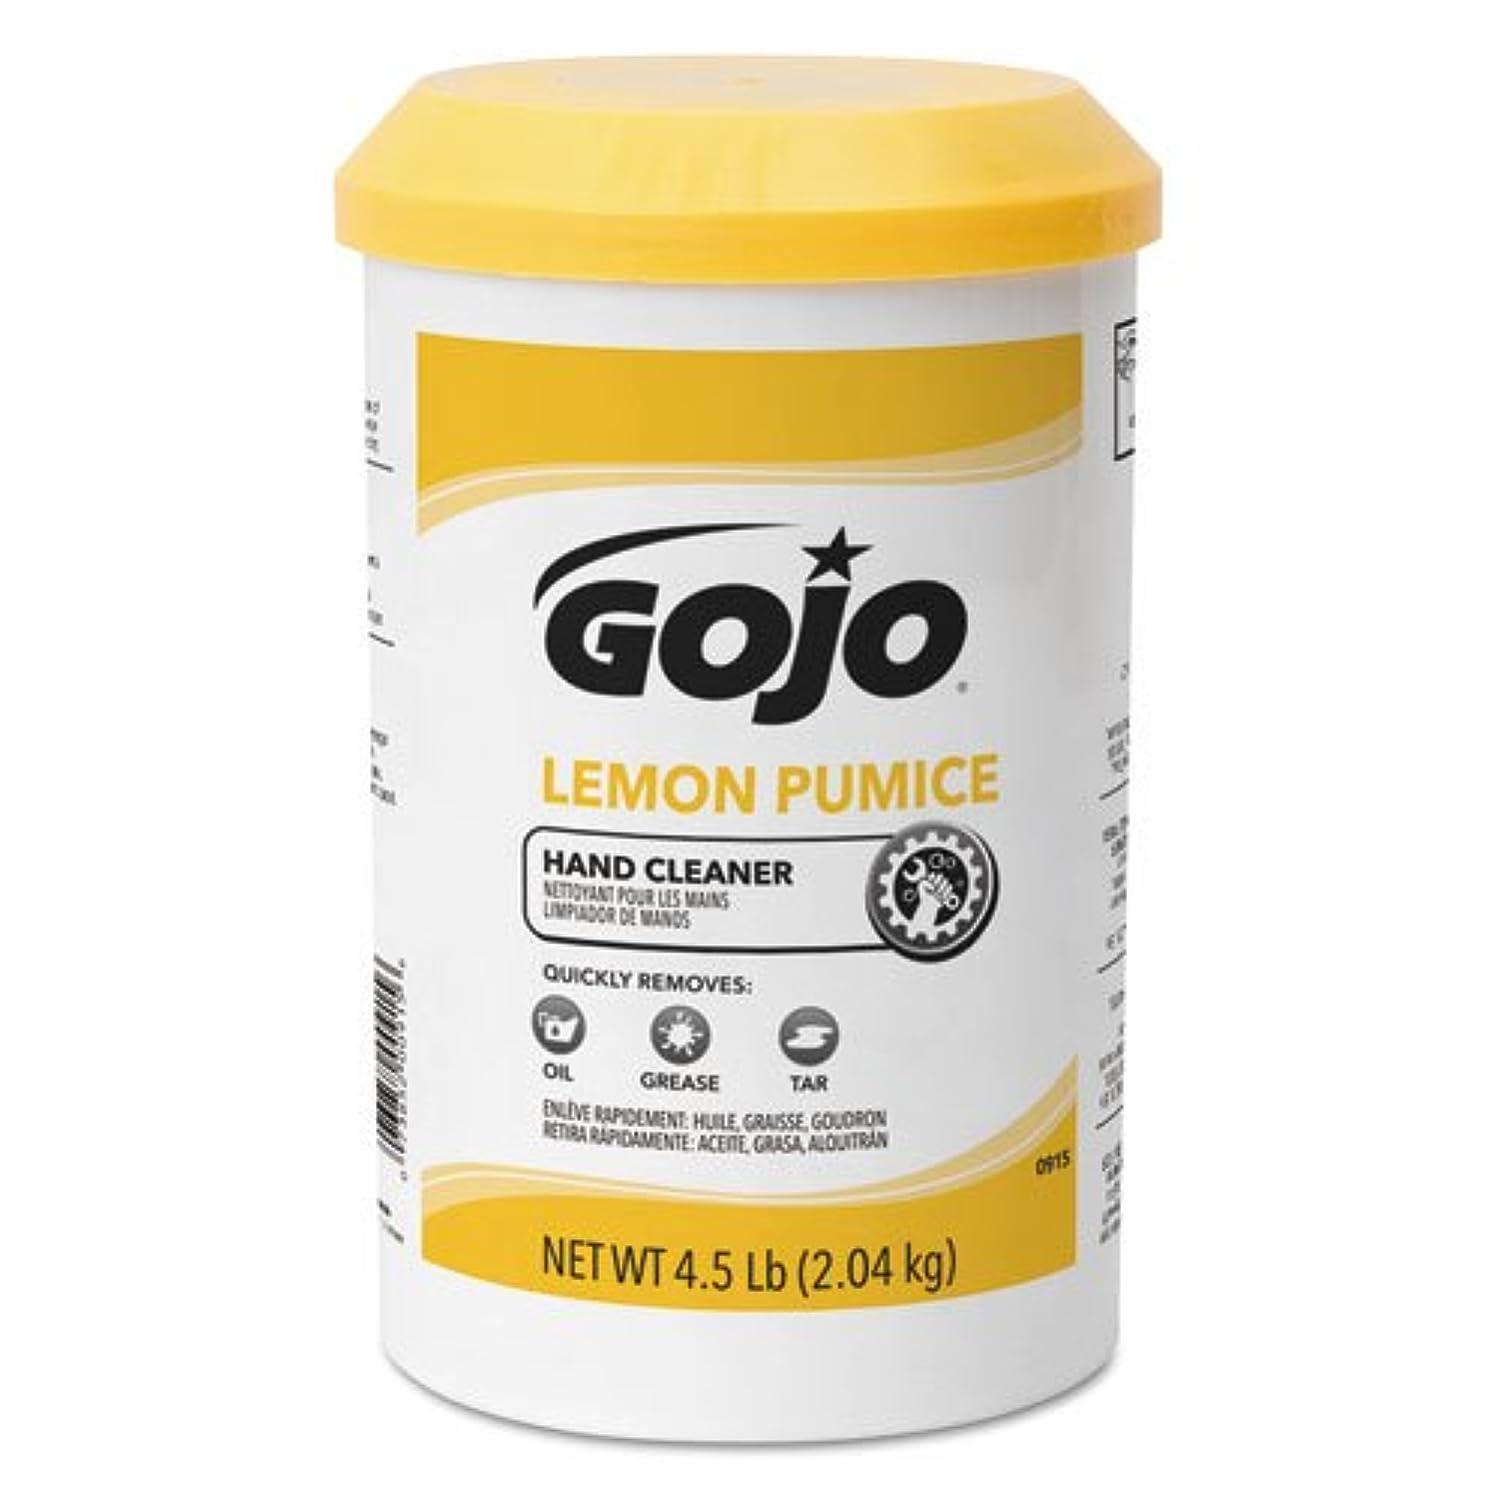 落胆する怒って出来事Gojo レモンプーミス ハンドクリーナー レモンの香り 4.5ポンド GOJ0915